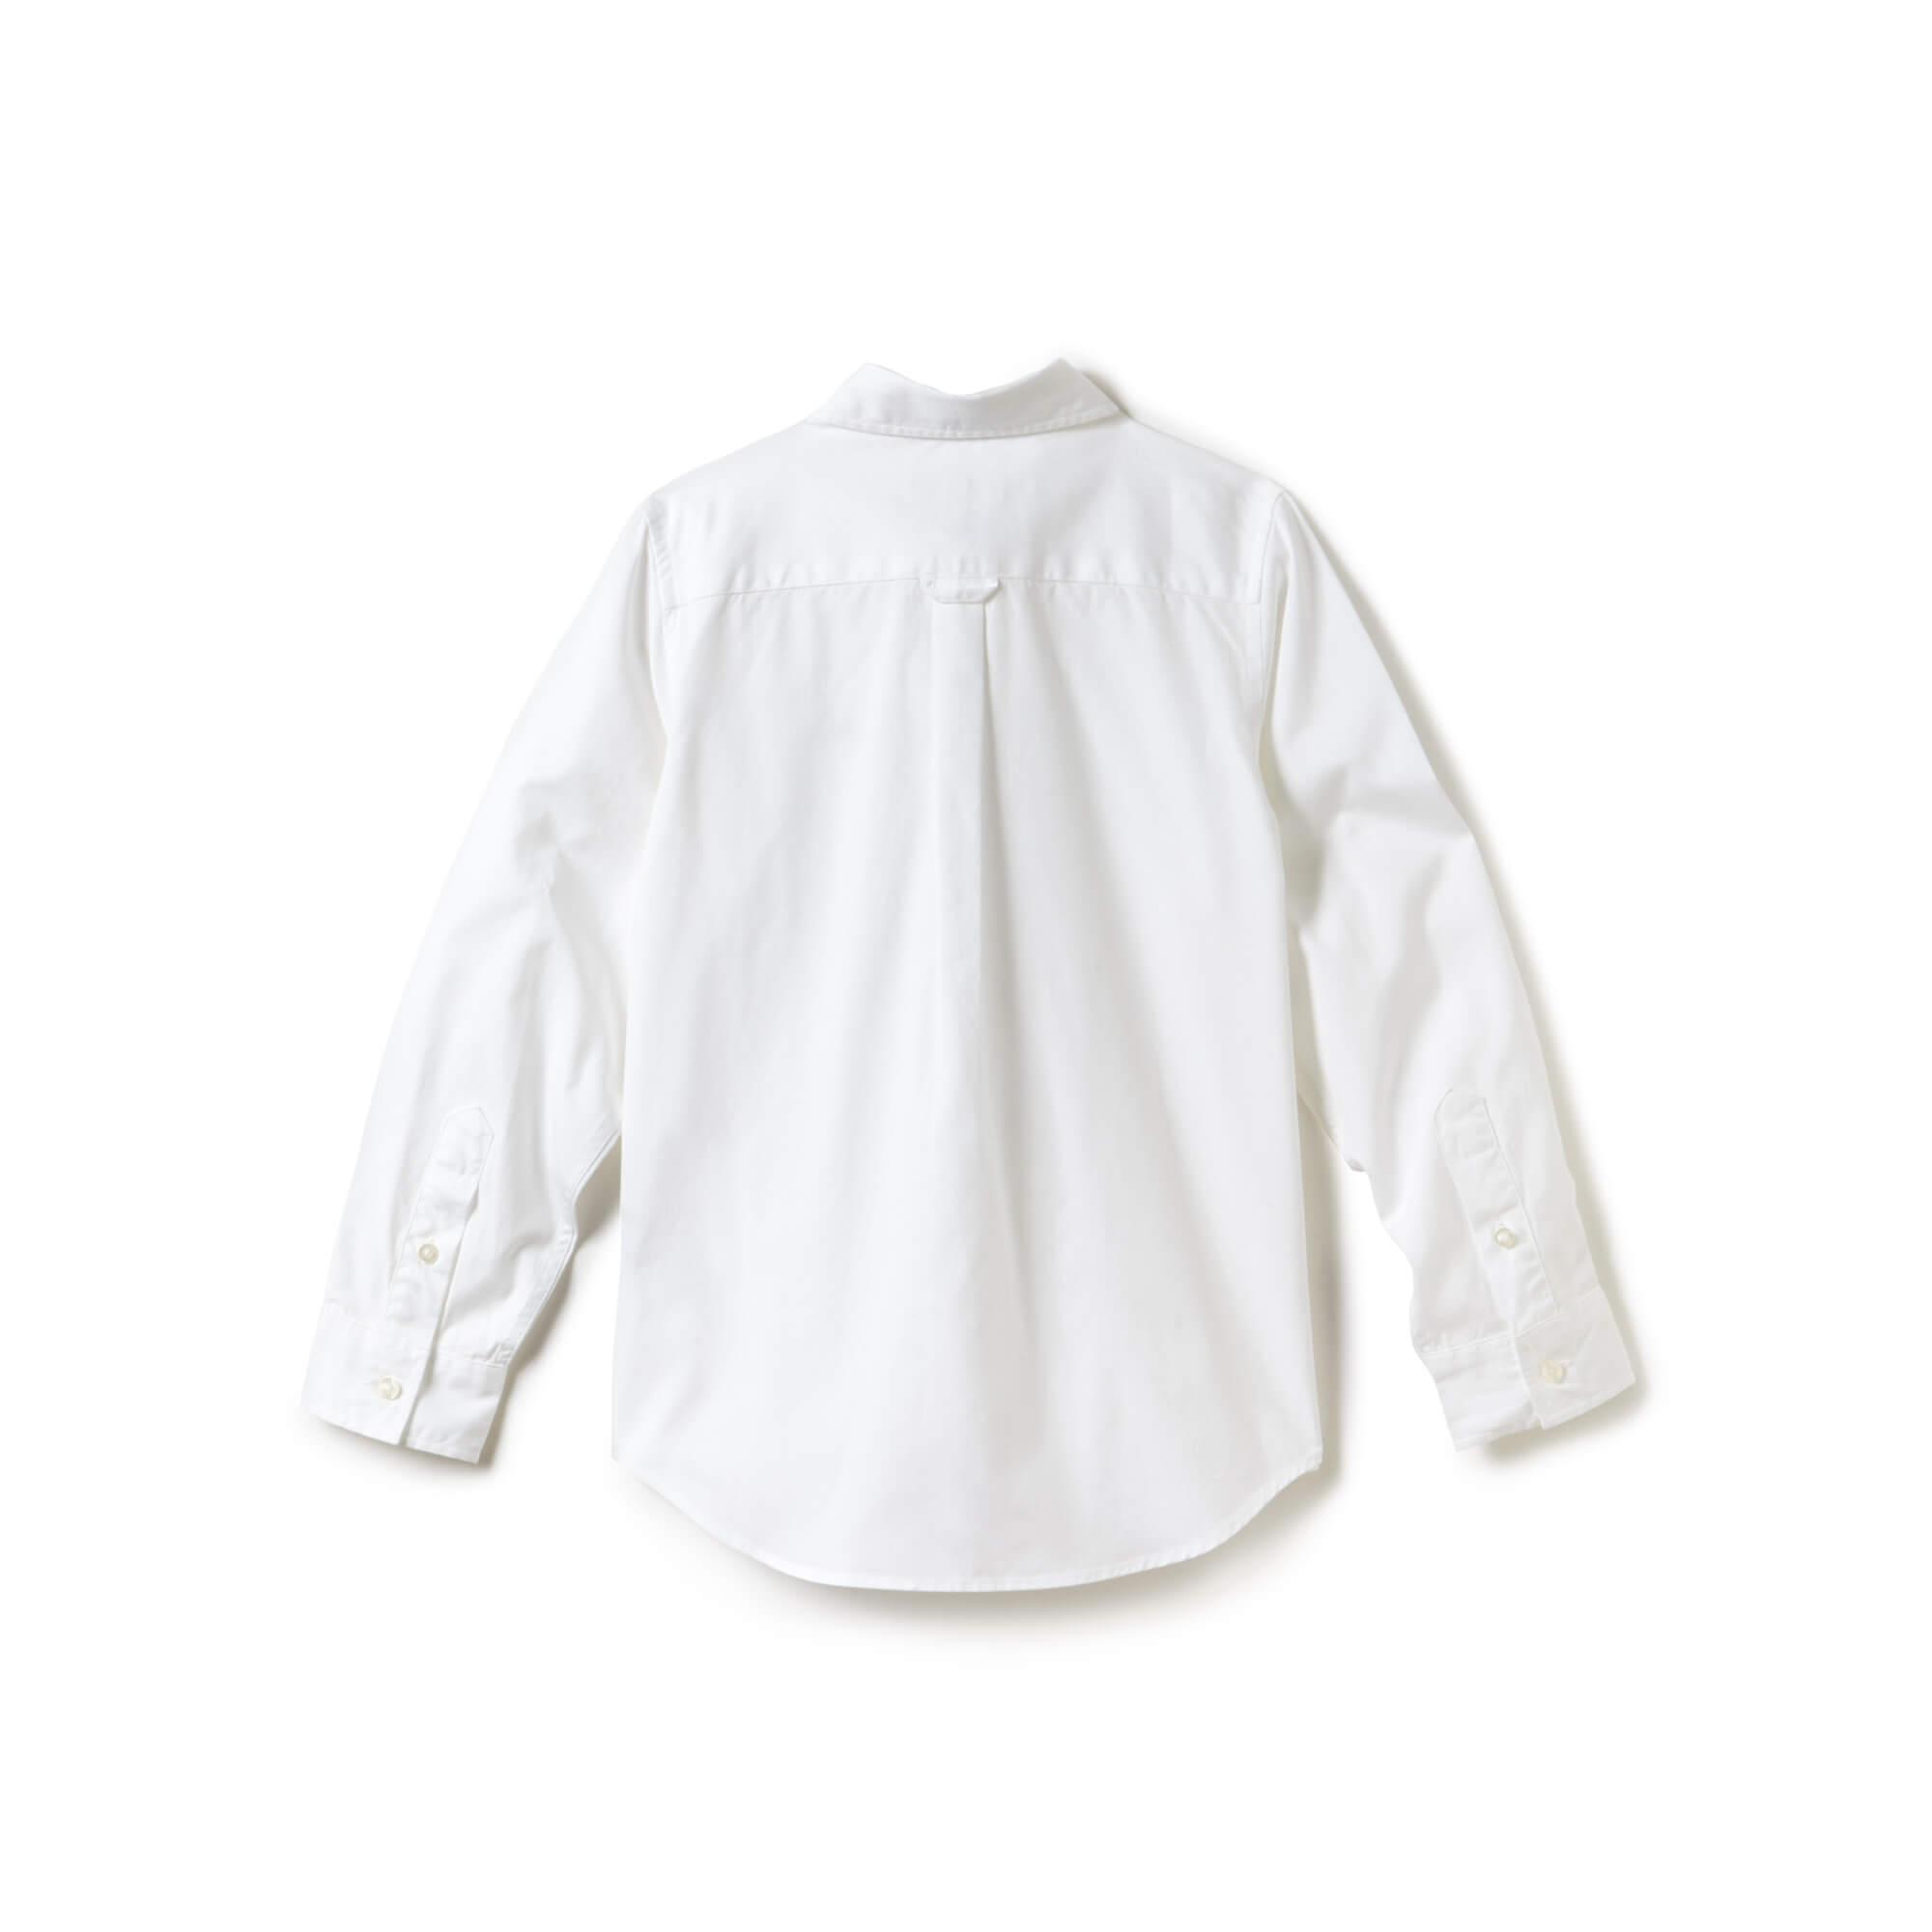 Lacoste Erkek Çocuk Oxford Gömlek